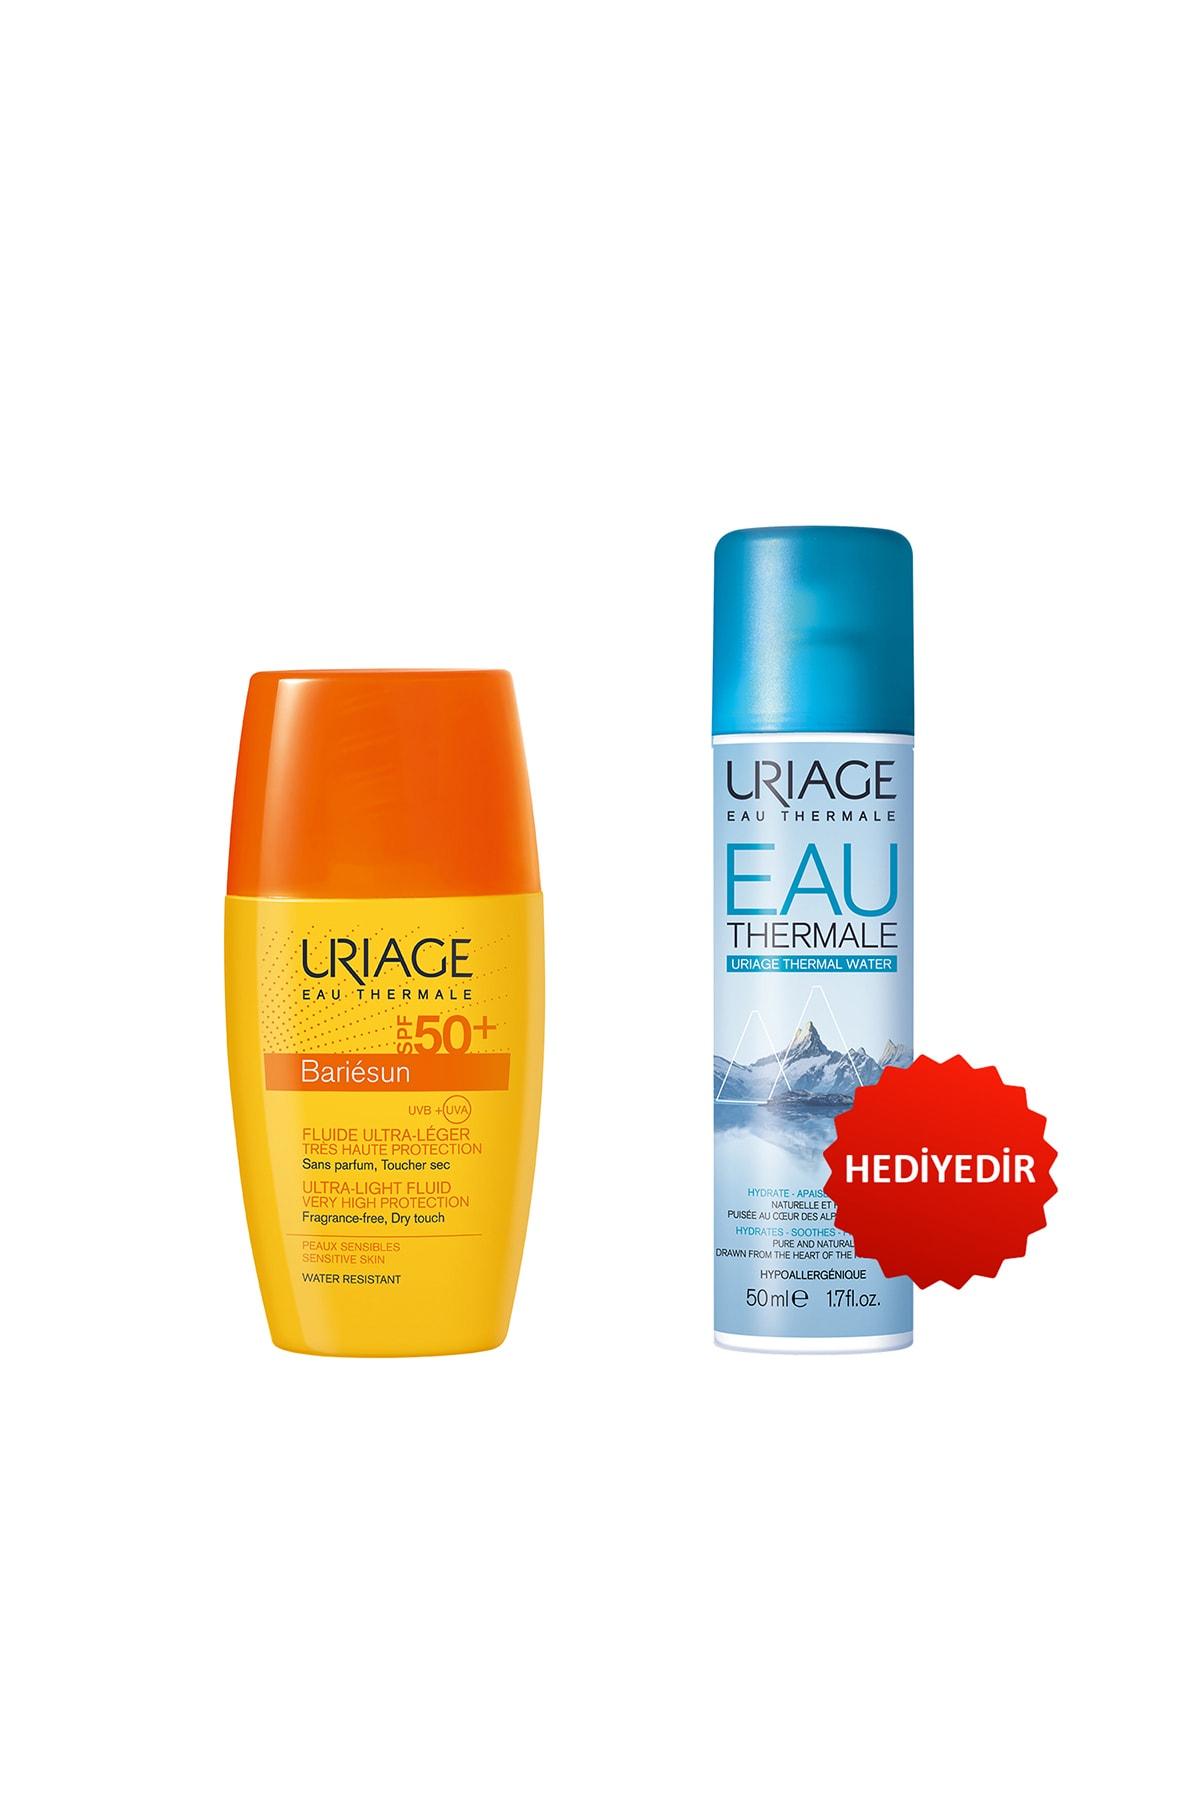 Uriage Bariésun Spf50+ Fluid Ultra 30 ml & Thermale Water (Güneş Koruyucu) + Eau Thermale D Uriage Sp 50 ml